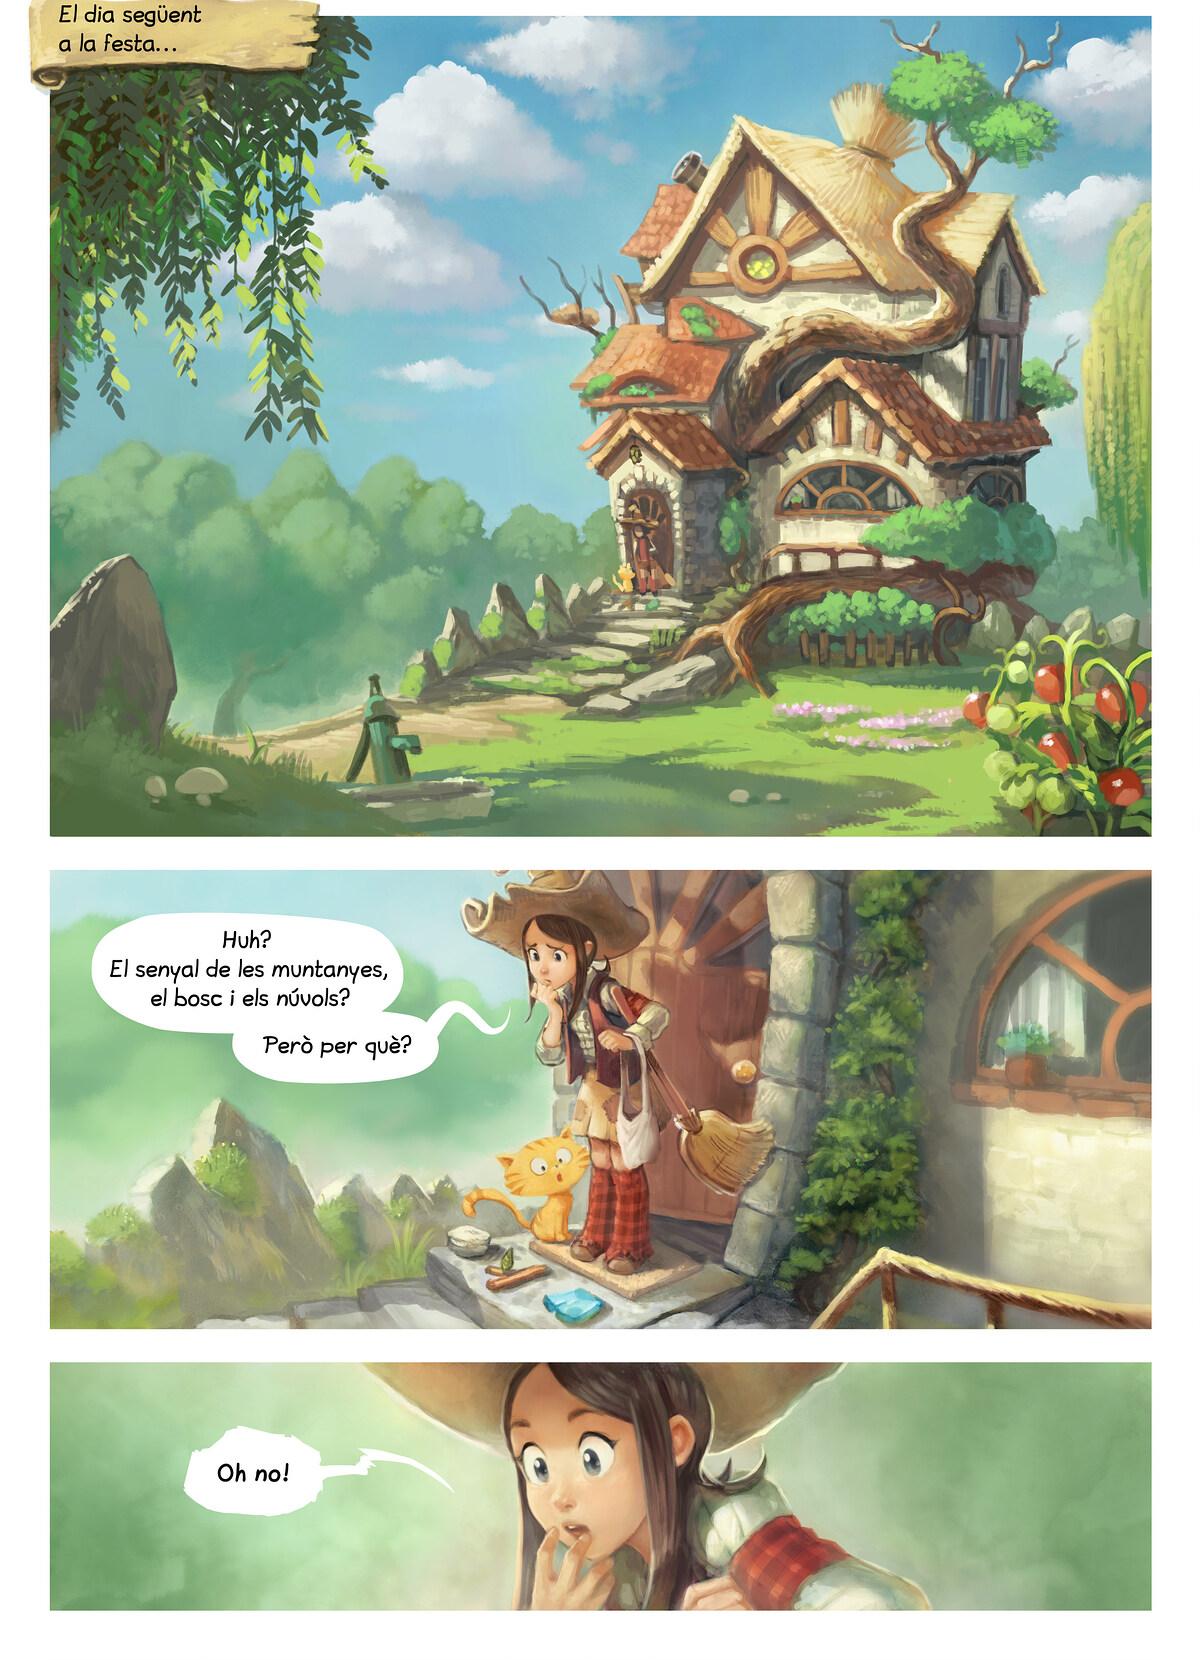 A webcomic page of Pepper&Carrot, episodi 9 [ca], pàgina 1